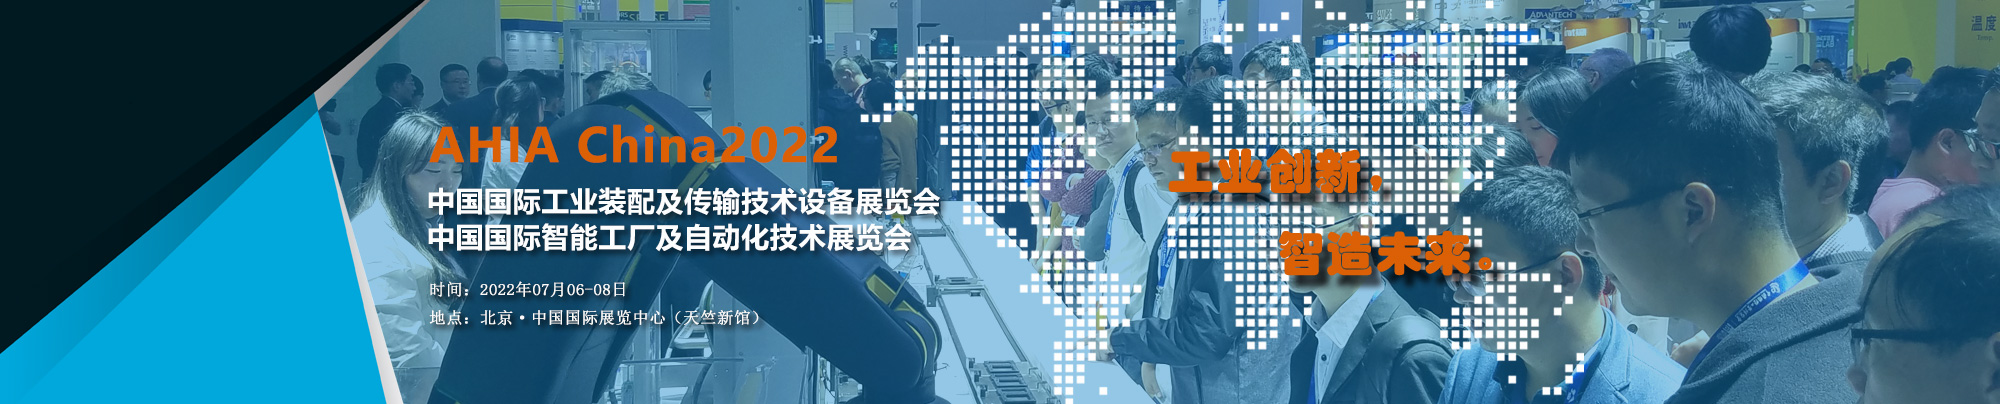 2021北京工业自动化展